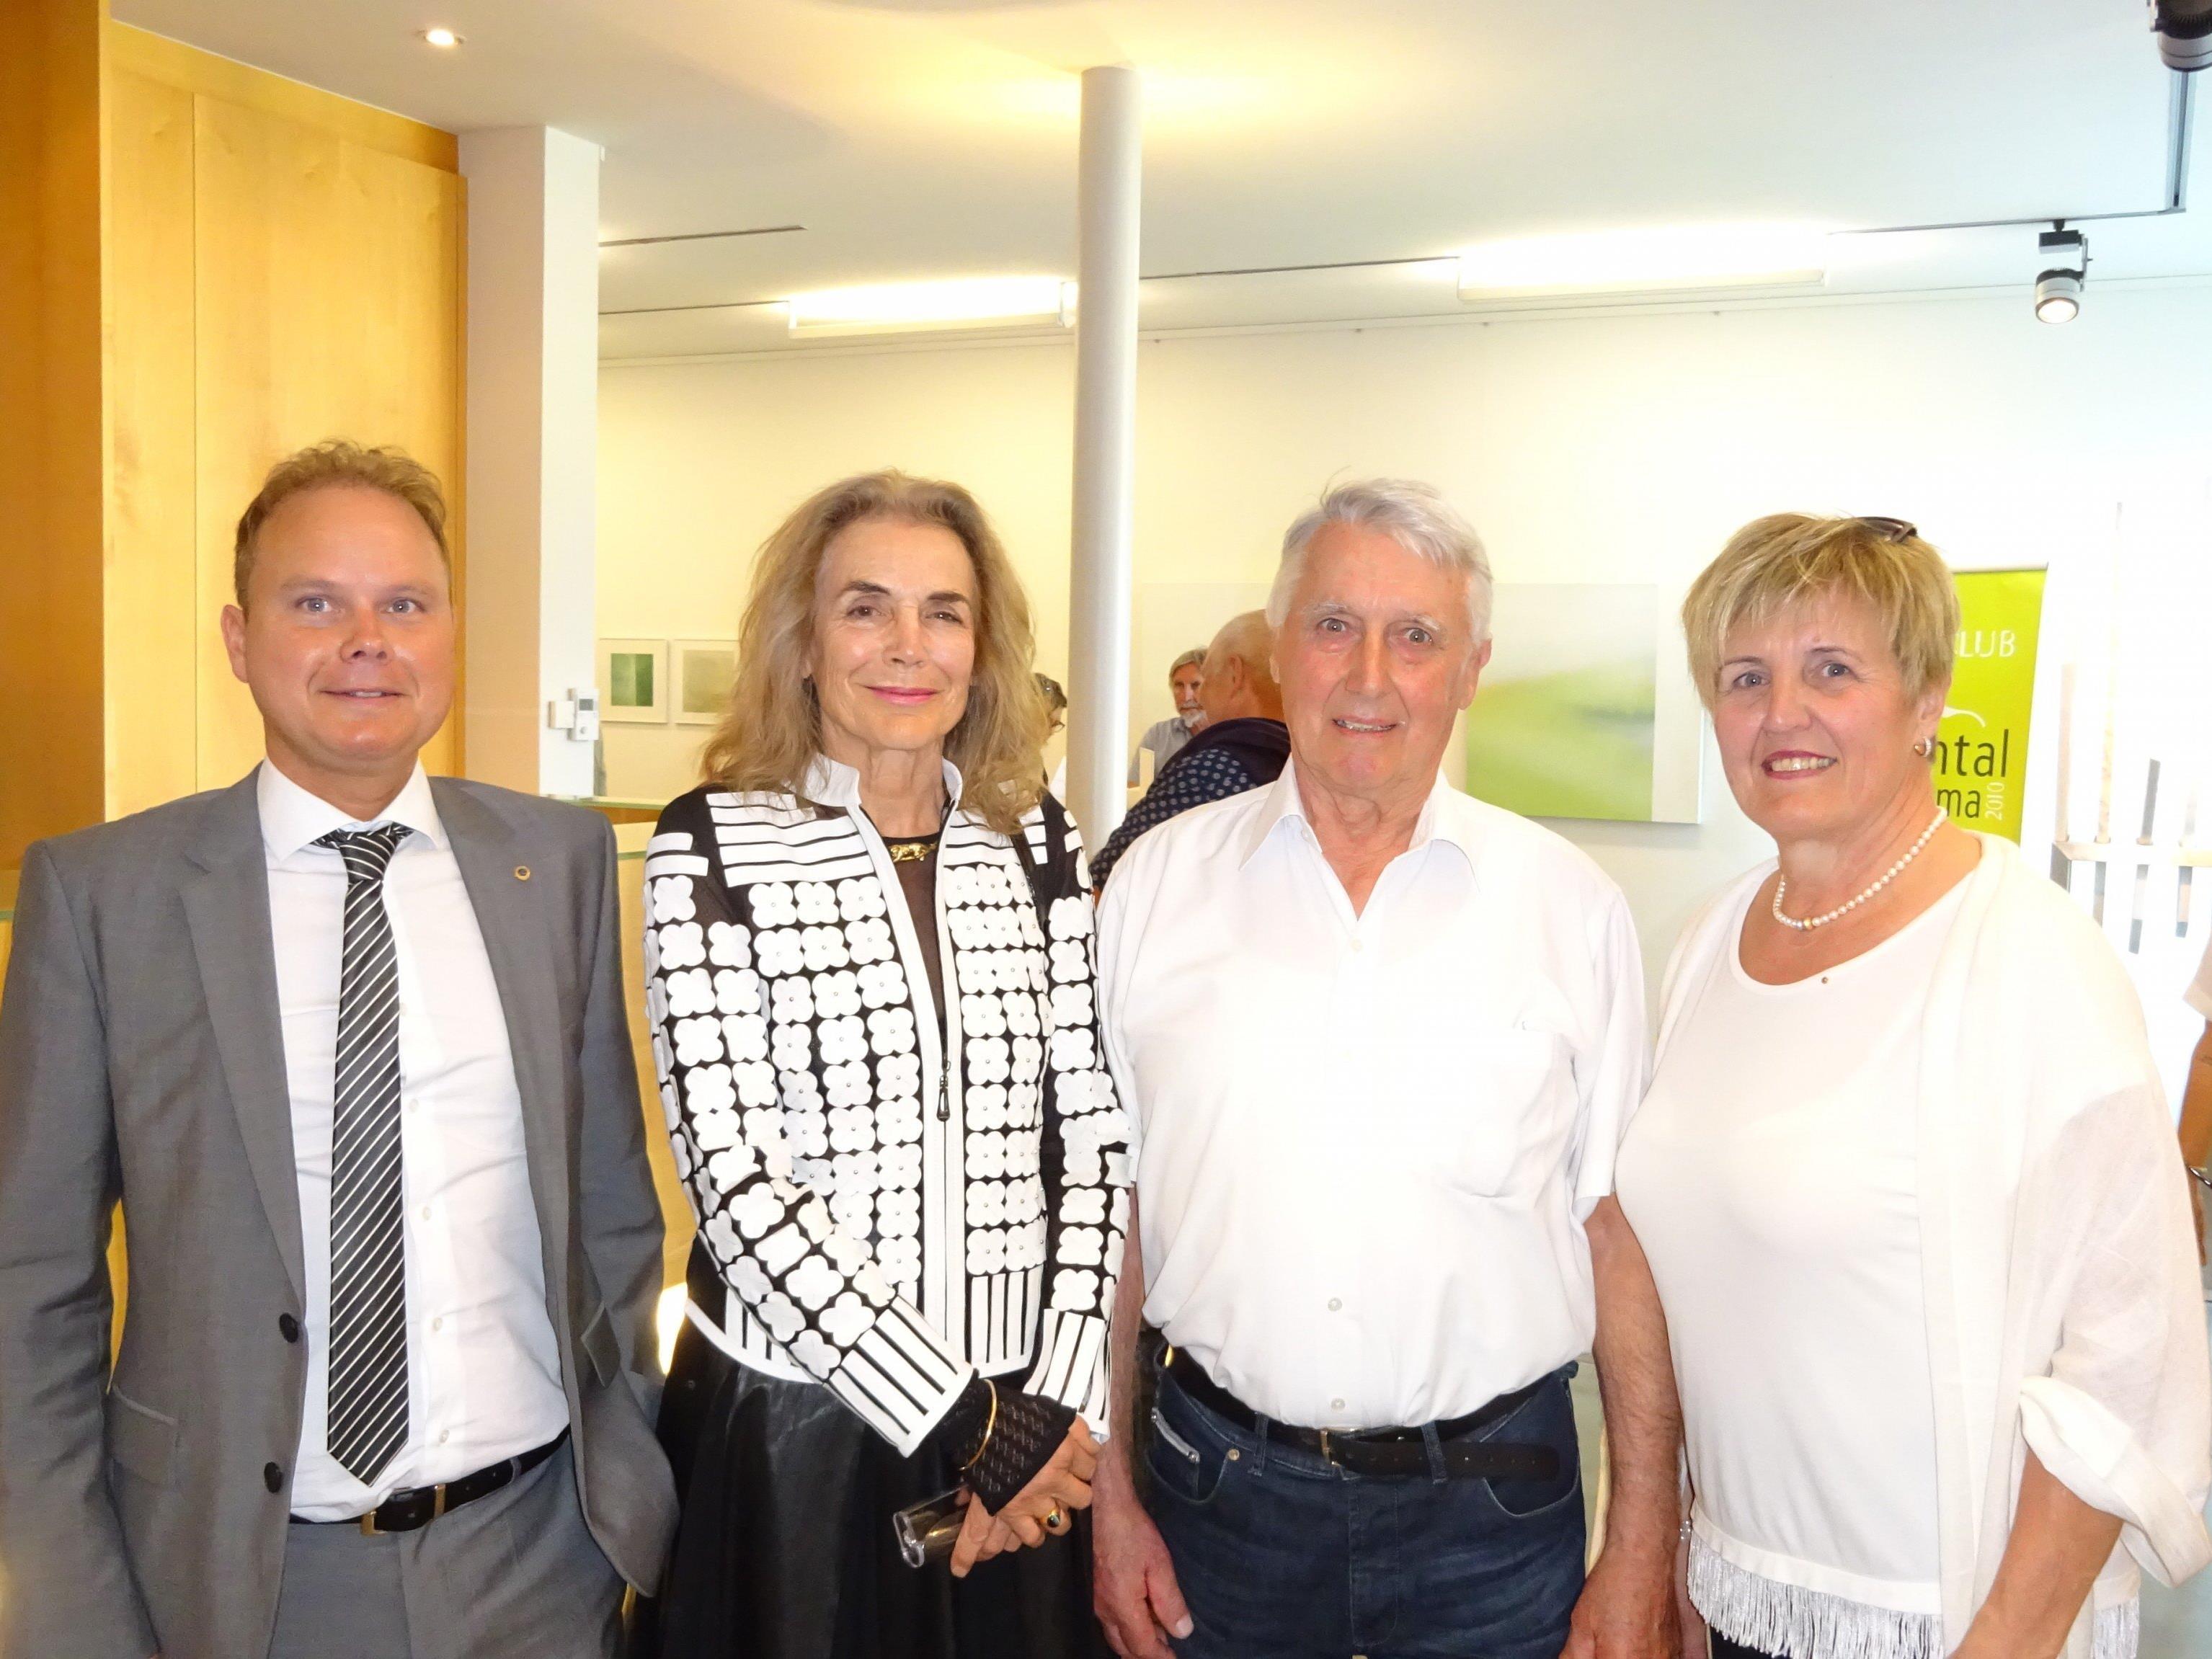 v.l. Thomas Lang (Präsident Lions Rheintal amKumma), Evelyn Rodewald, Alwin Rohner und Marie-Luise Dietrich